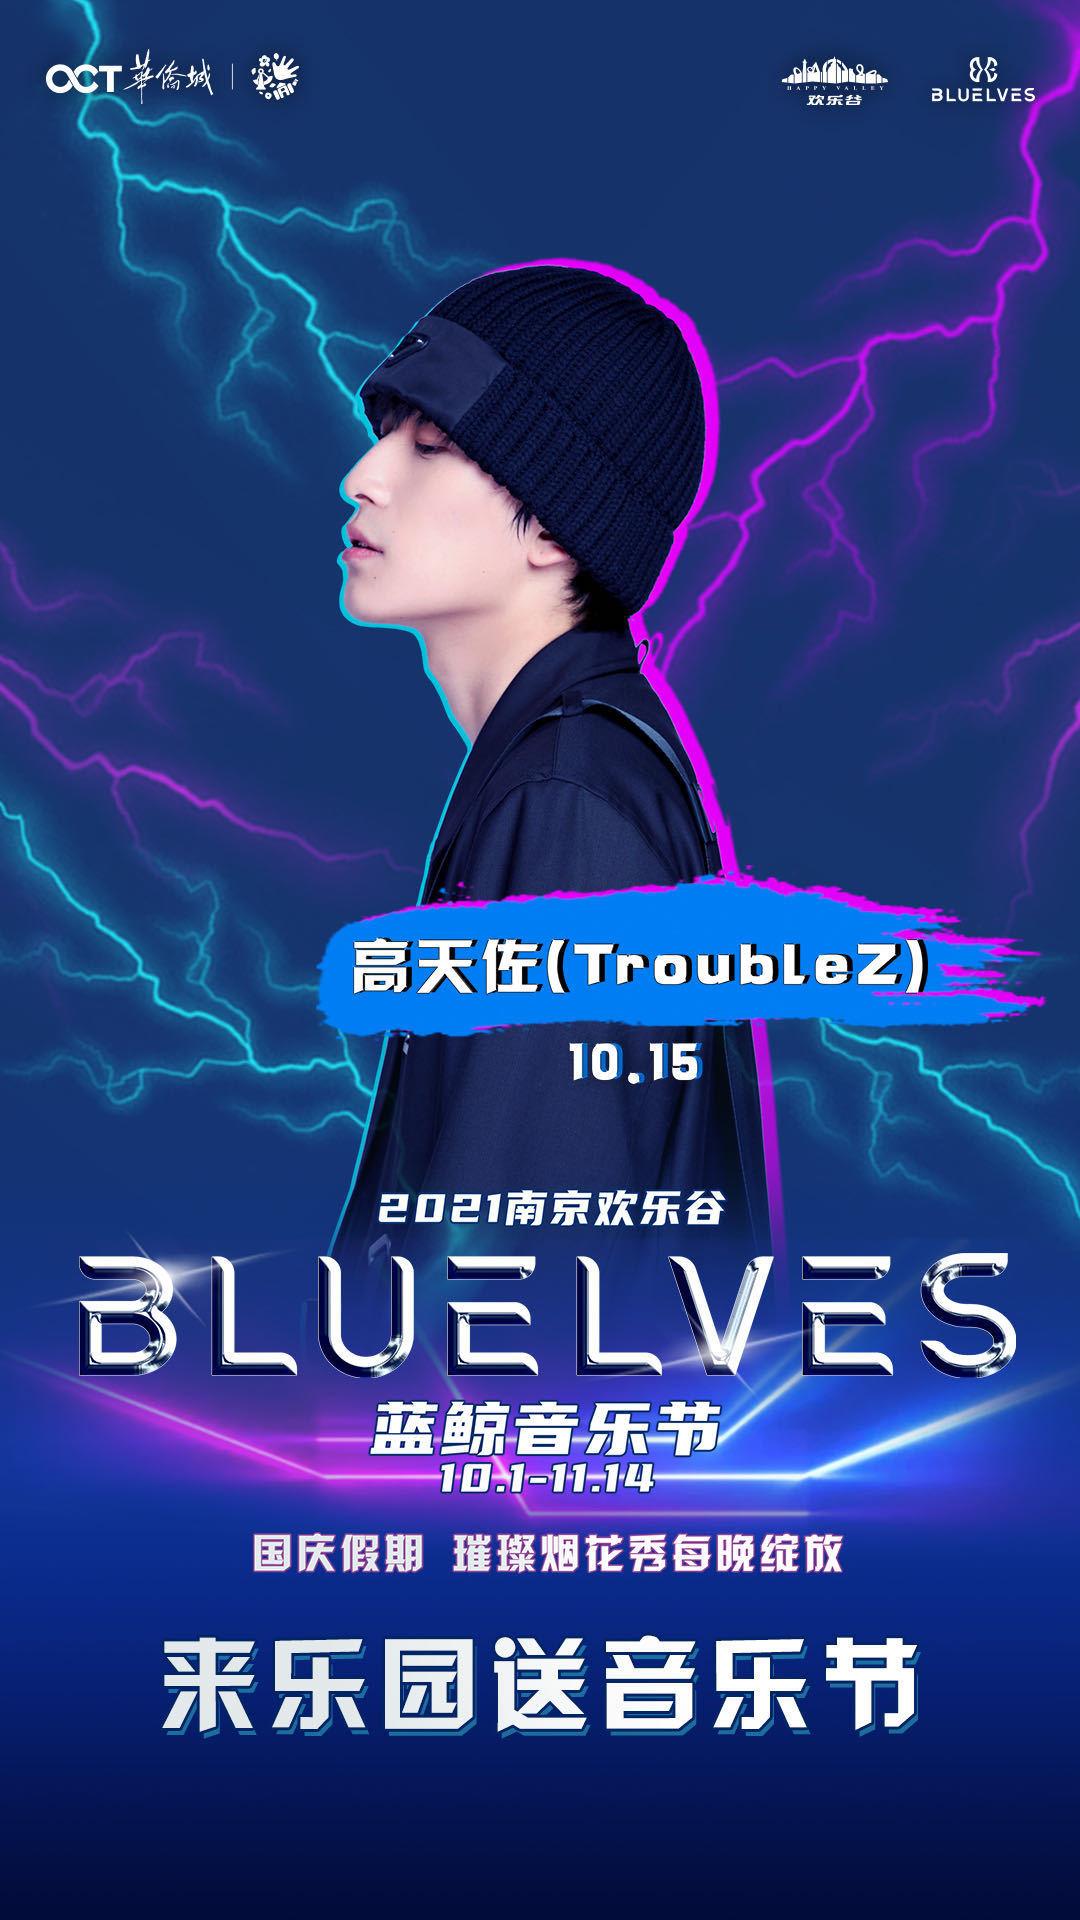 2021南京欢乐谷蓝鲸音乐节【高天佐TroubleZ JONY J 姚琛 海龟先生 BOY STORY 萧敬腾】